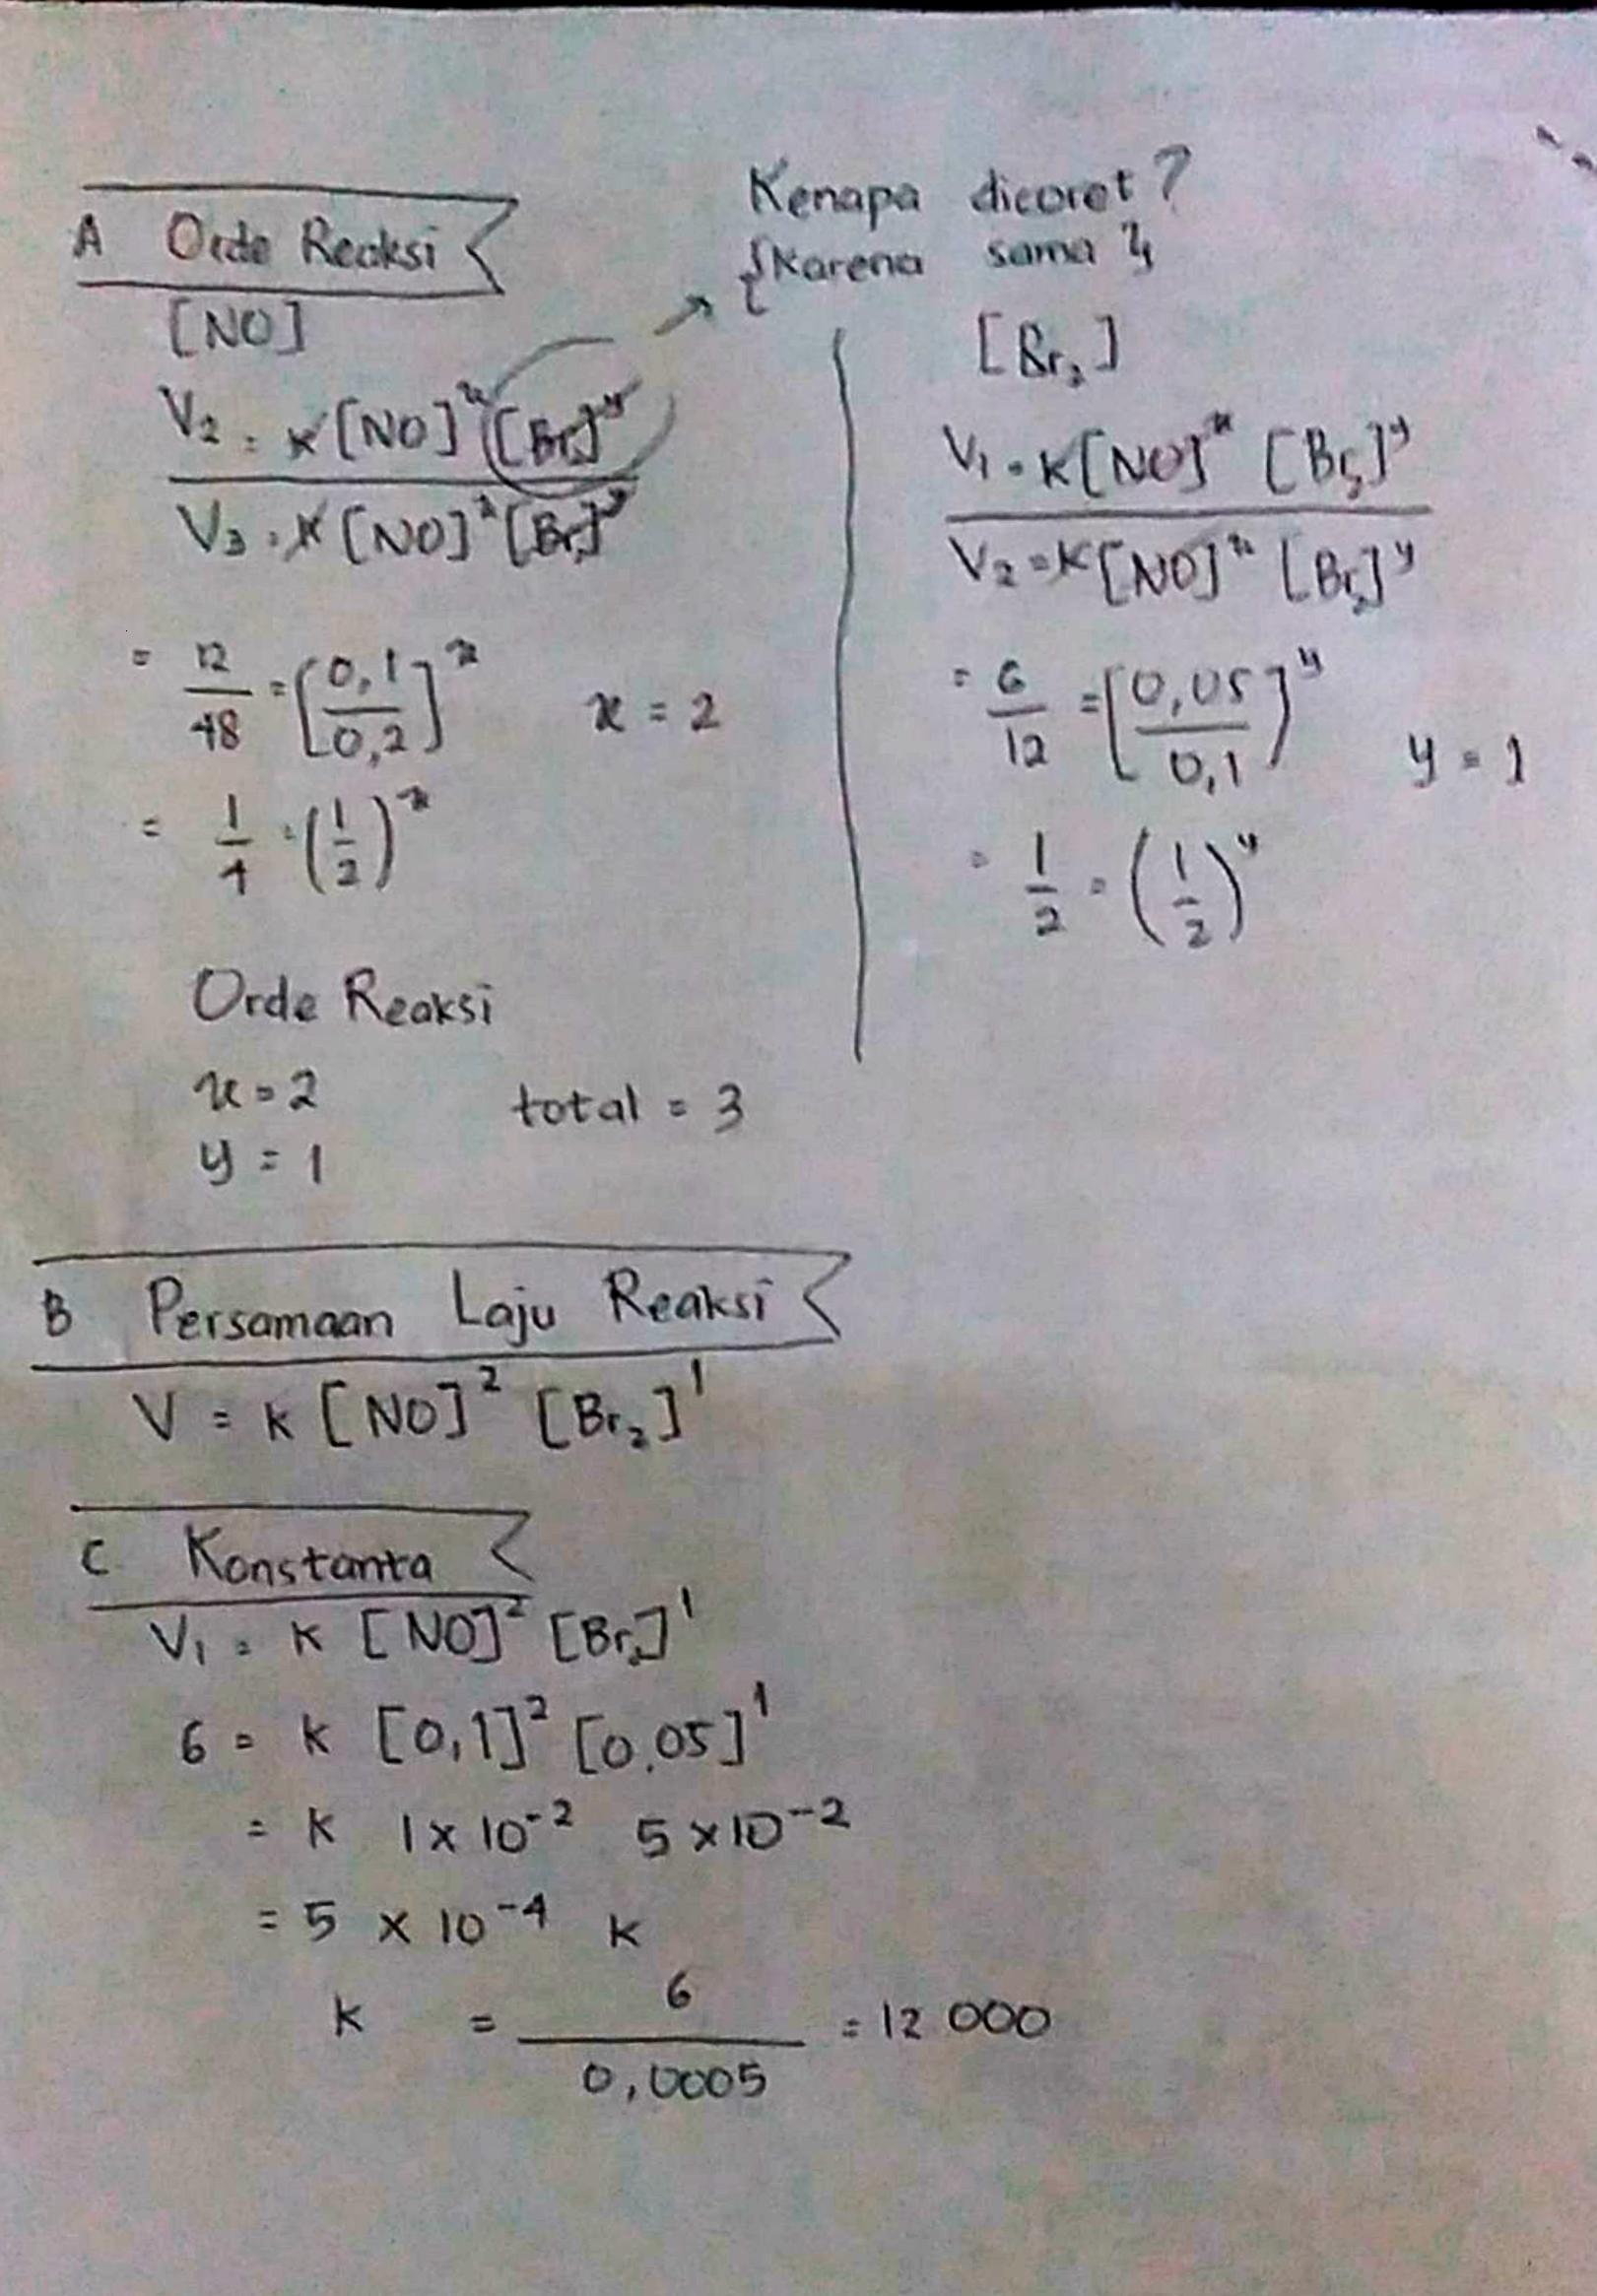 Pada Suhu 273 C Gas Bromin Dapat Bereaksi Dengan Gas Nitrogen Monoksida Menurut Persamaan Reaksi Brainly Co Id